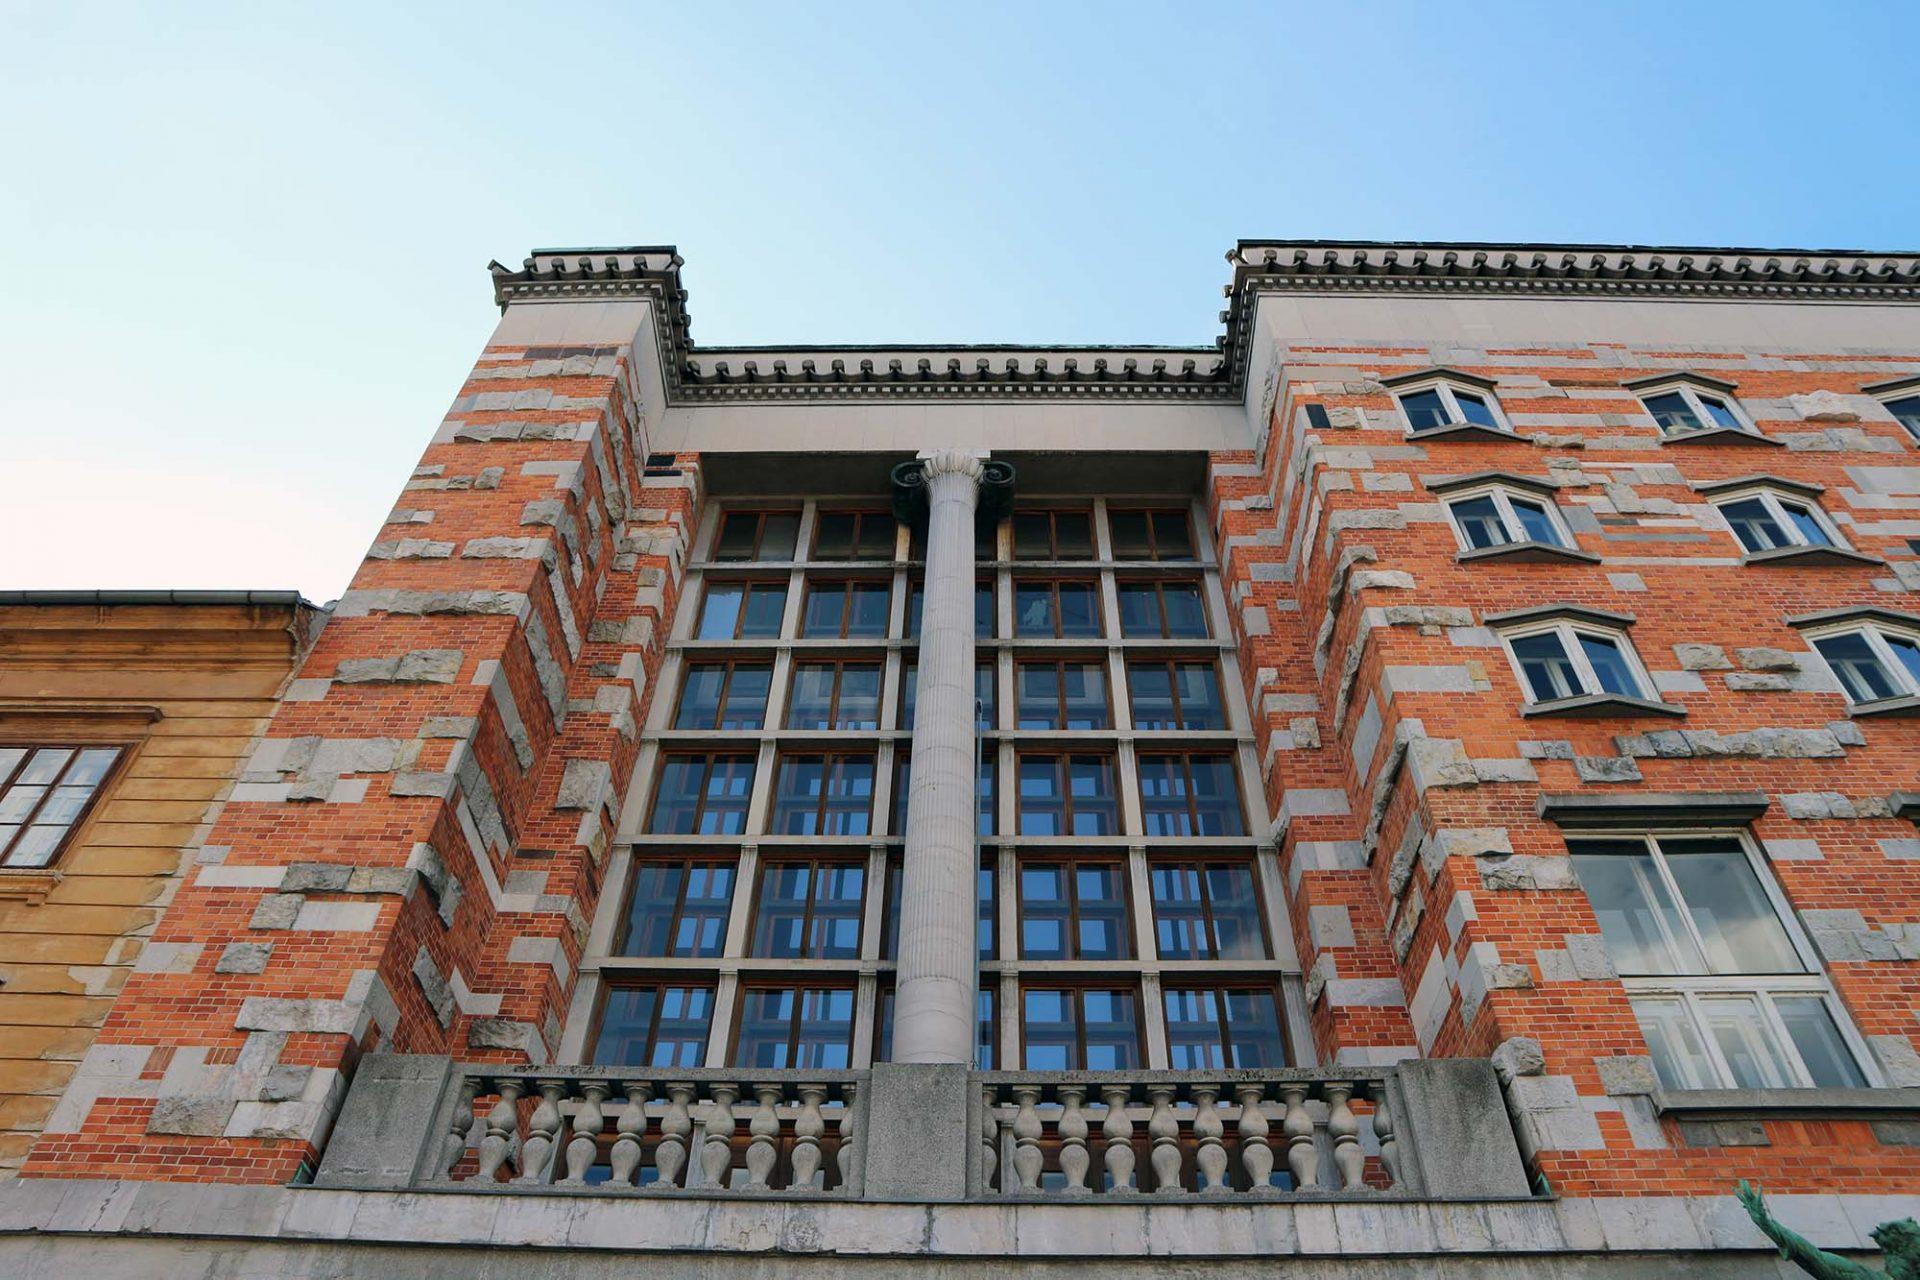 Nationalbibliothek. Ungewöhnlich sind auch die Oberflächen der Außenfassaden aus rotem Ziegelstein mit eingearbeiteten Steinen und Spolien aus römischer, mittelalterlicher und neuerer Zeit. Die Fenster erinnern an aufgeschlagene Bücher.